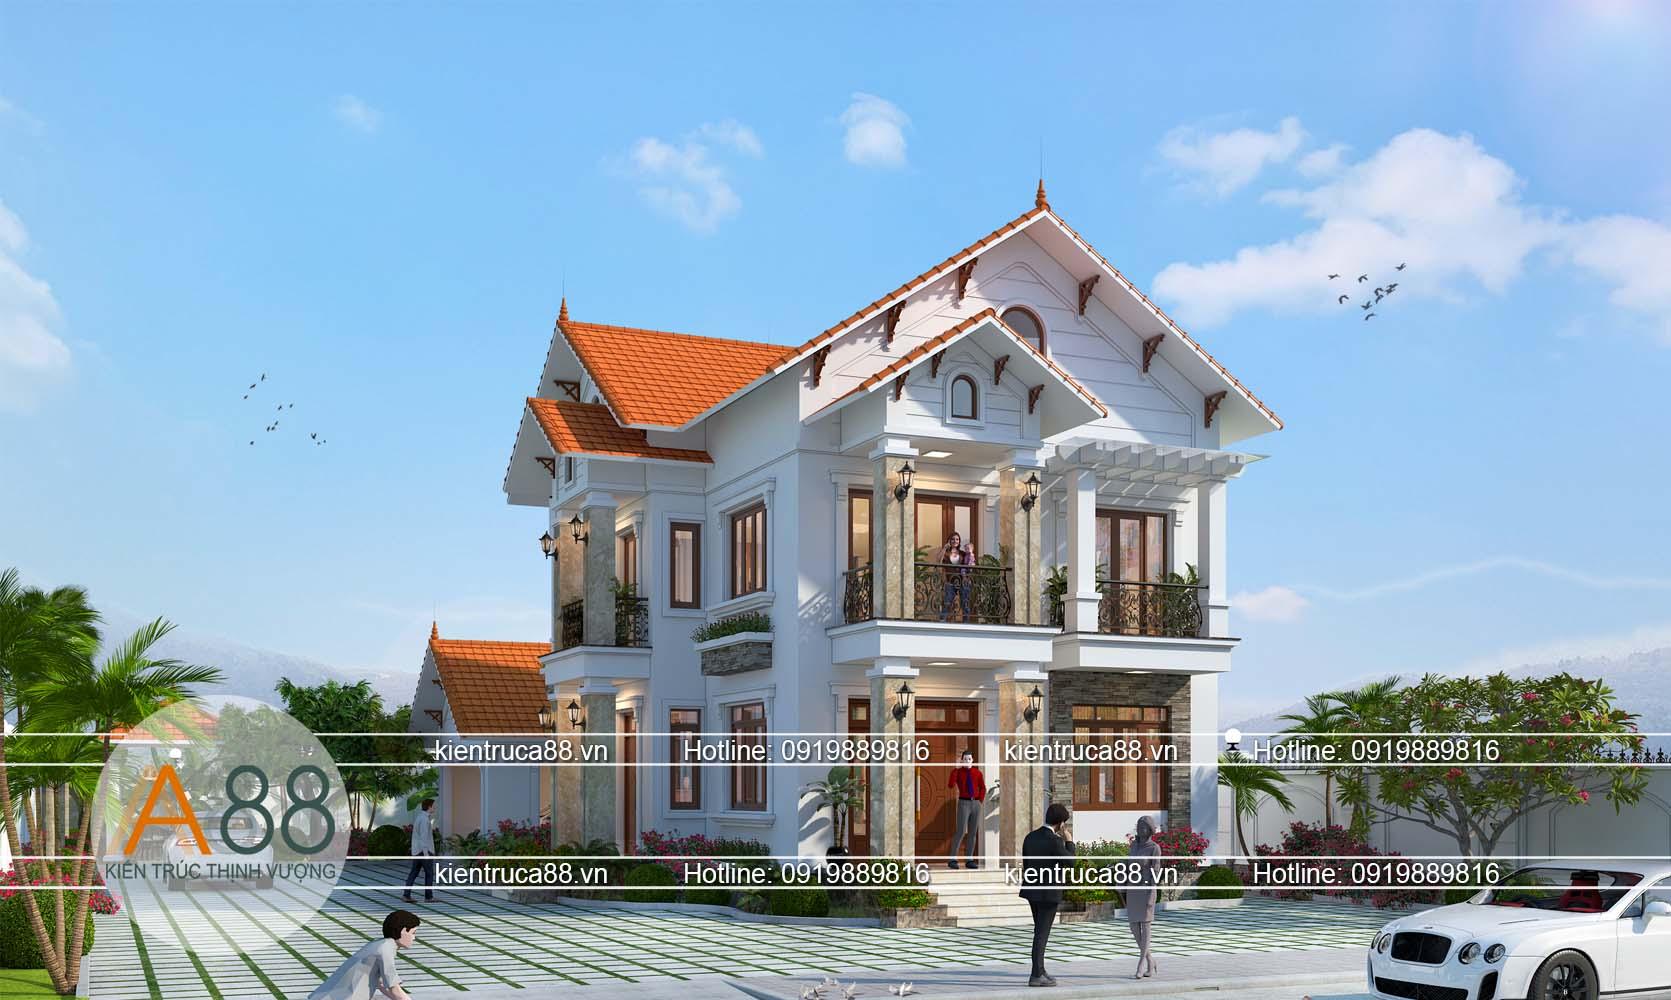 Mẫu thiết kế biệt thự hiện đại tại Bắc Giang